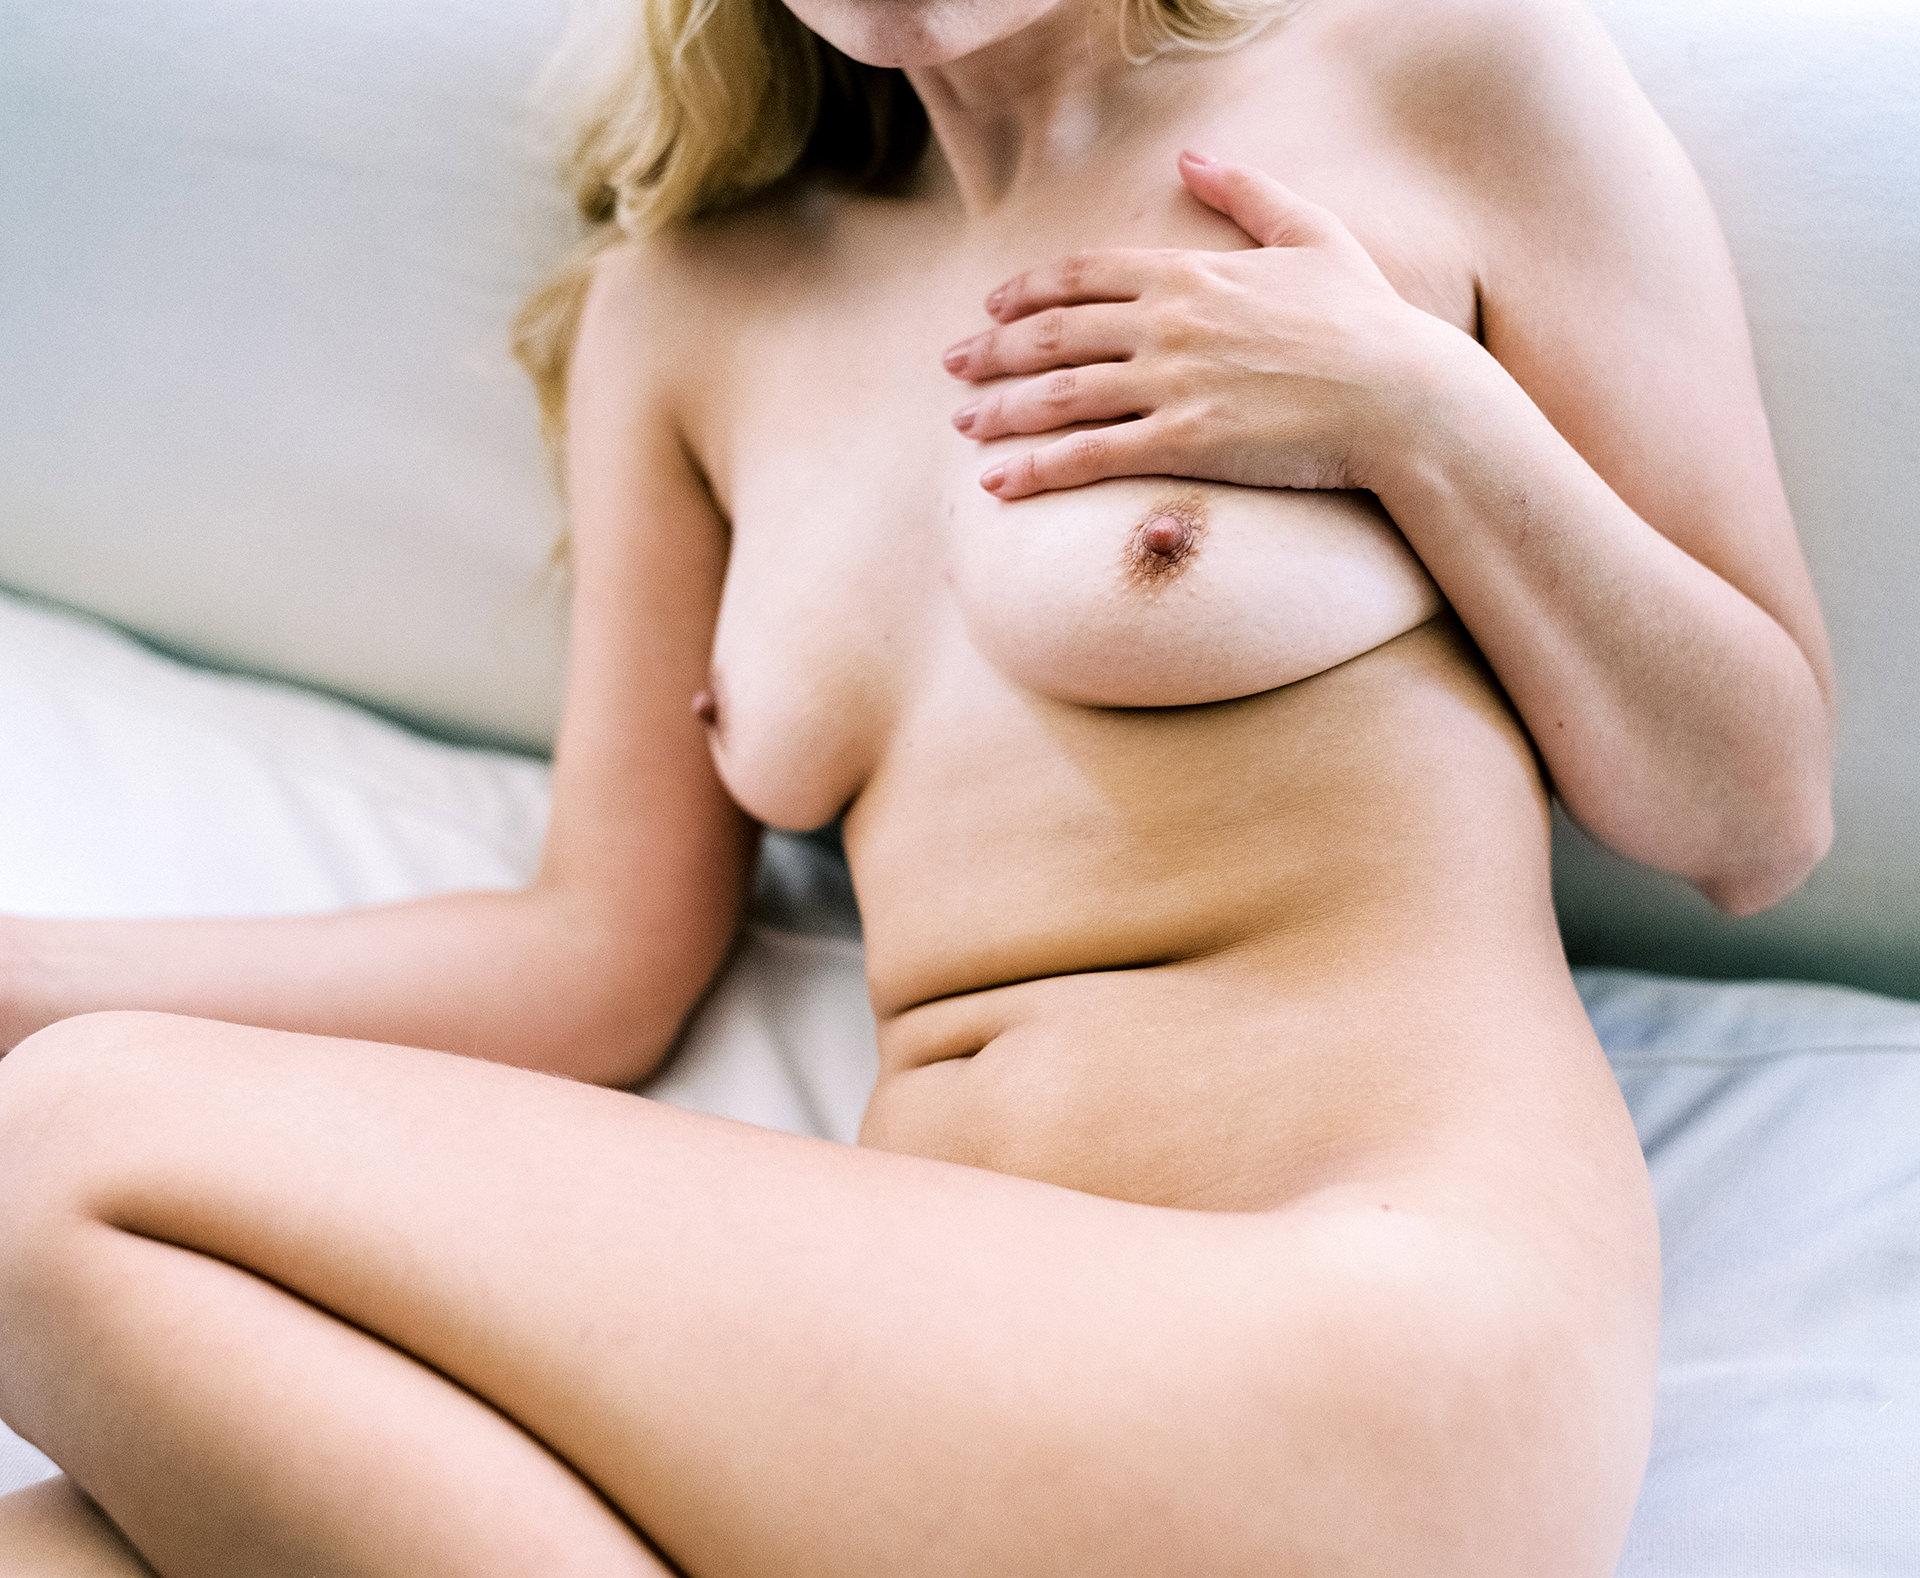 05471-06.jpg